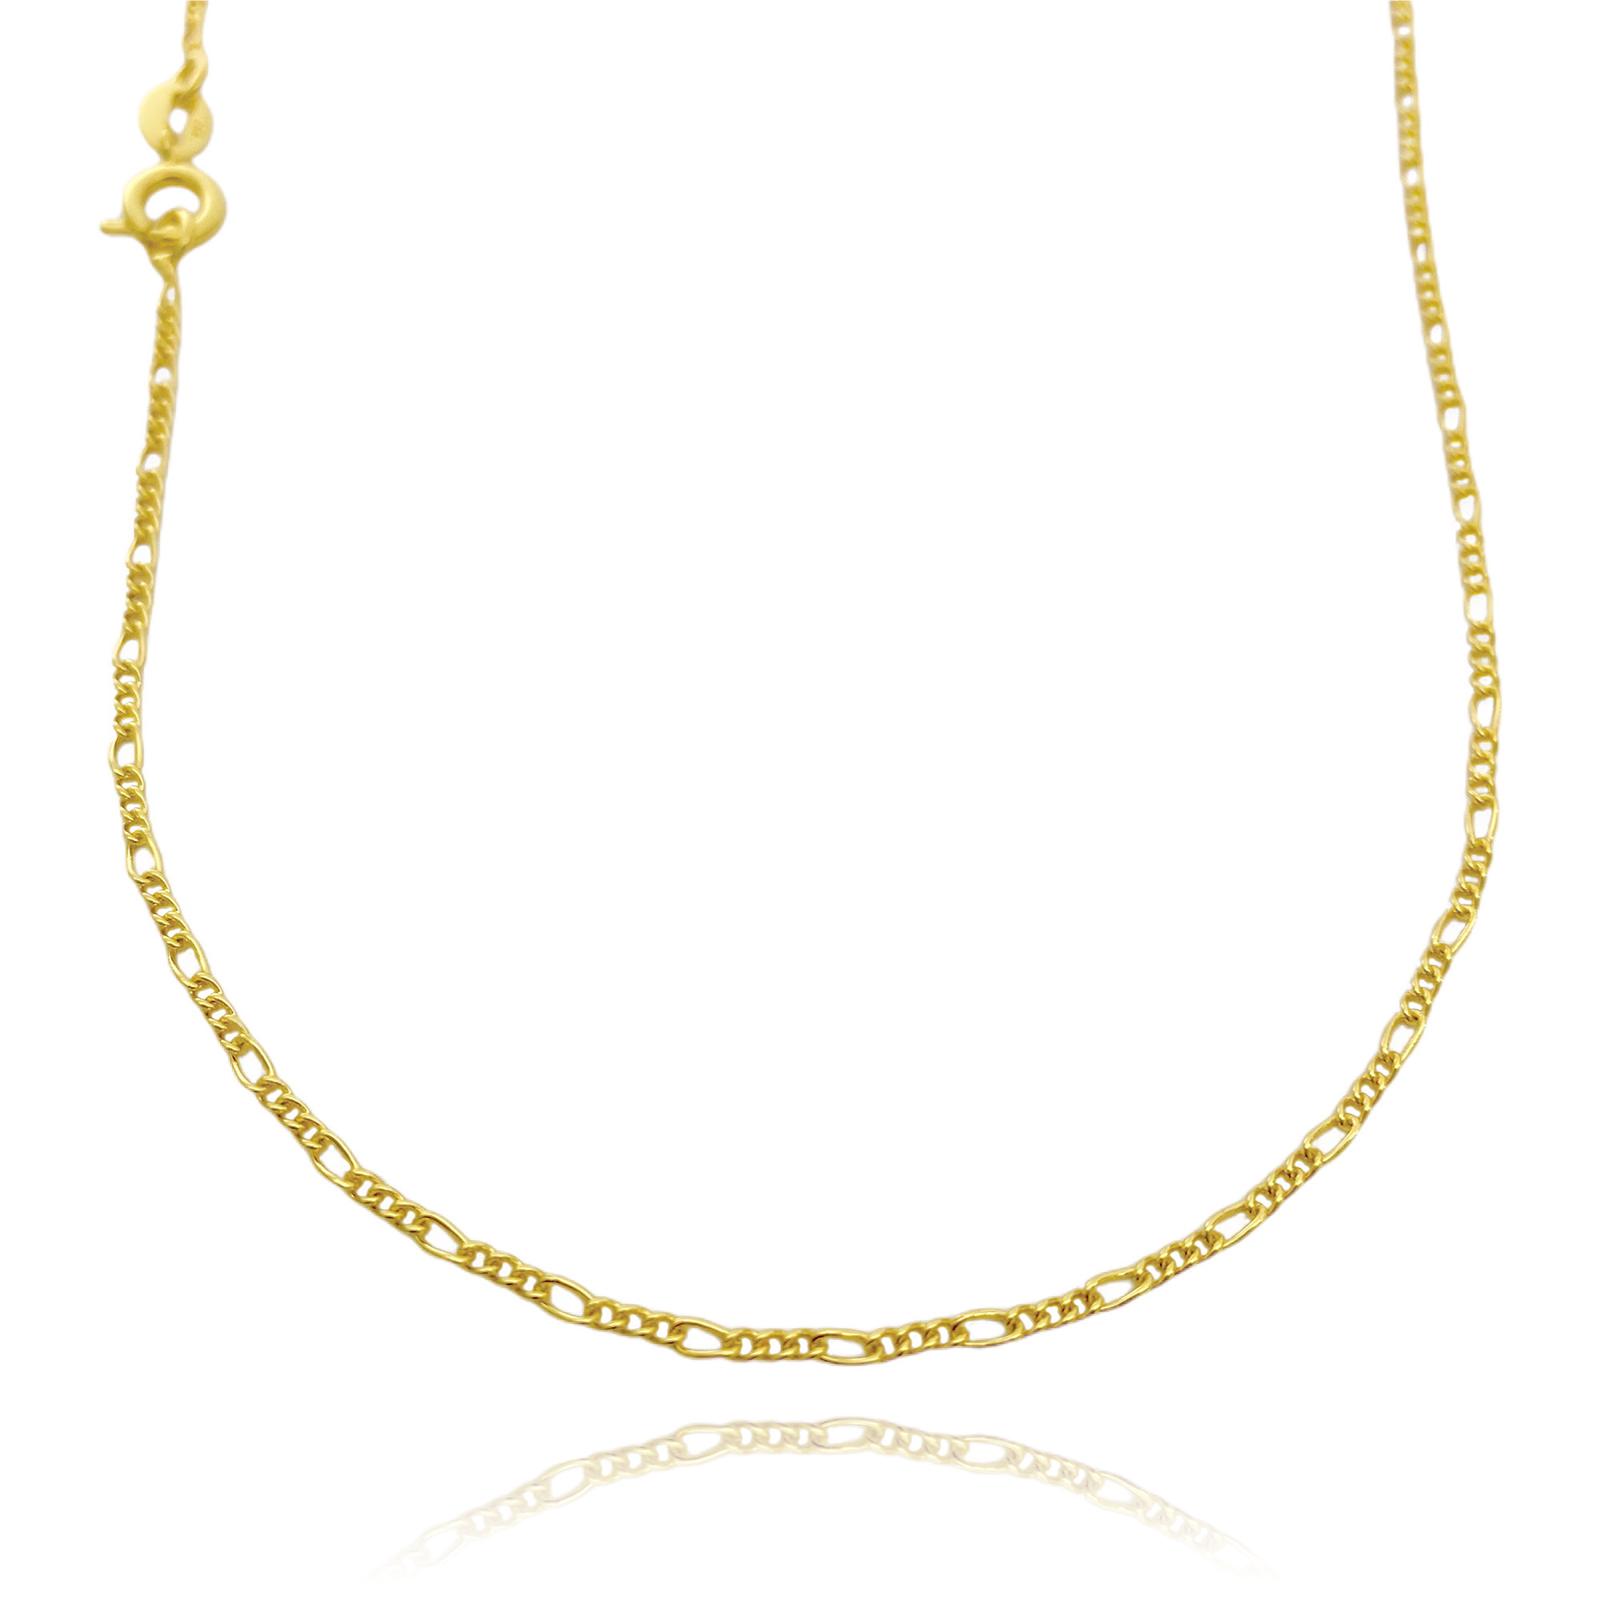 kit Corrente 3 por 1 1,6mm 40cm (Fecho Tradicional) + Pingente Medalha Mandala Cravejado em Zircônia 1,5cm X 1,5cm